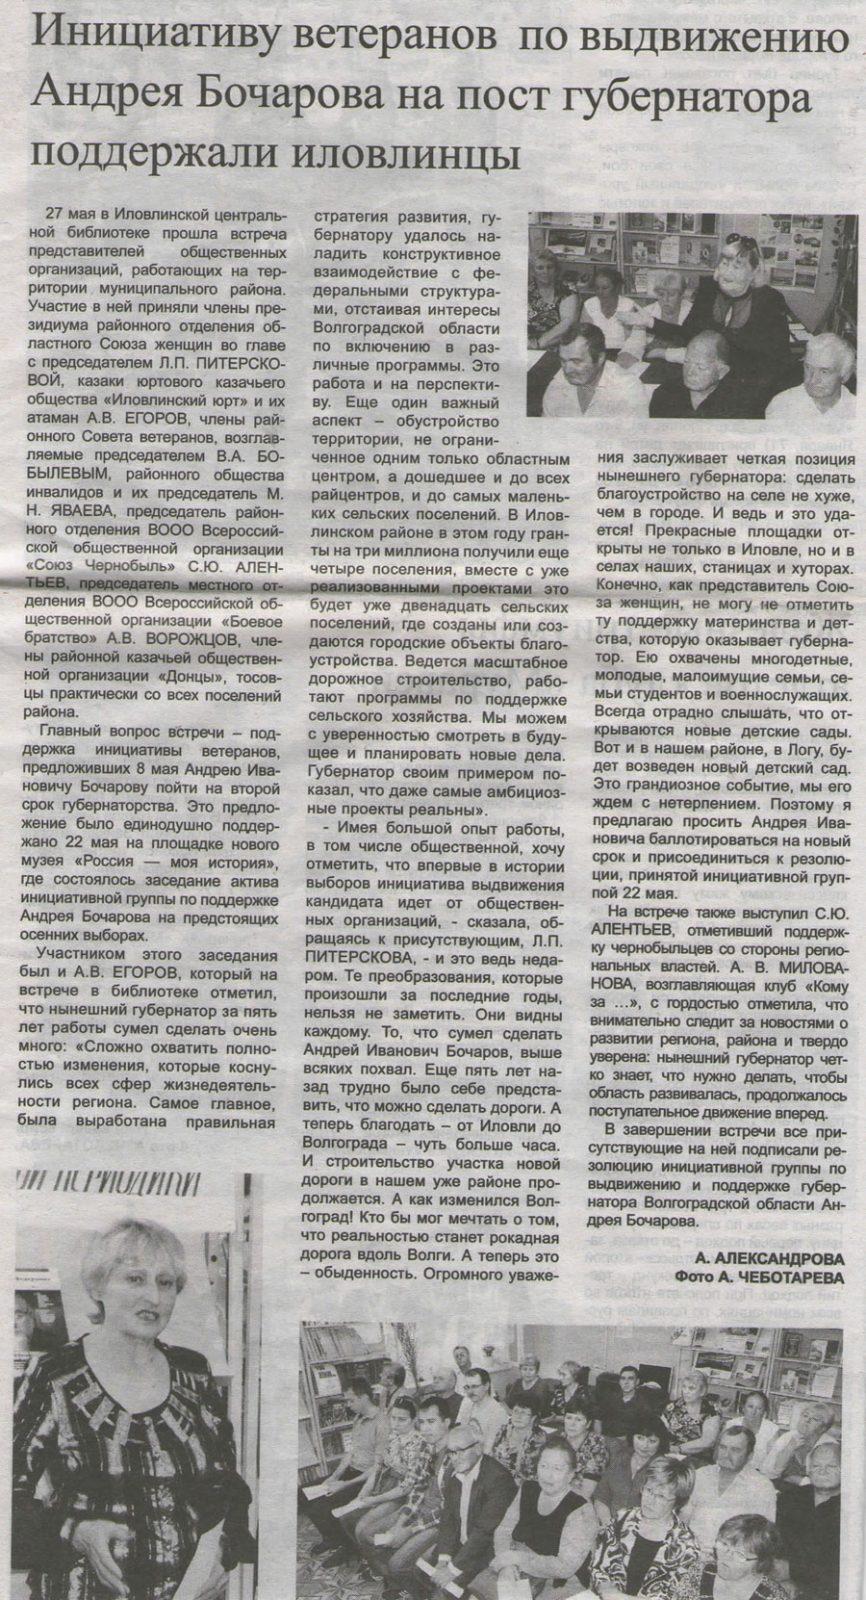 Инициативу ветеранов по выдвижению Андрея Бочарова на пост губернатора поддержали иловлинцы